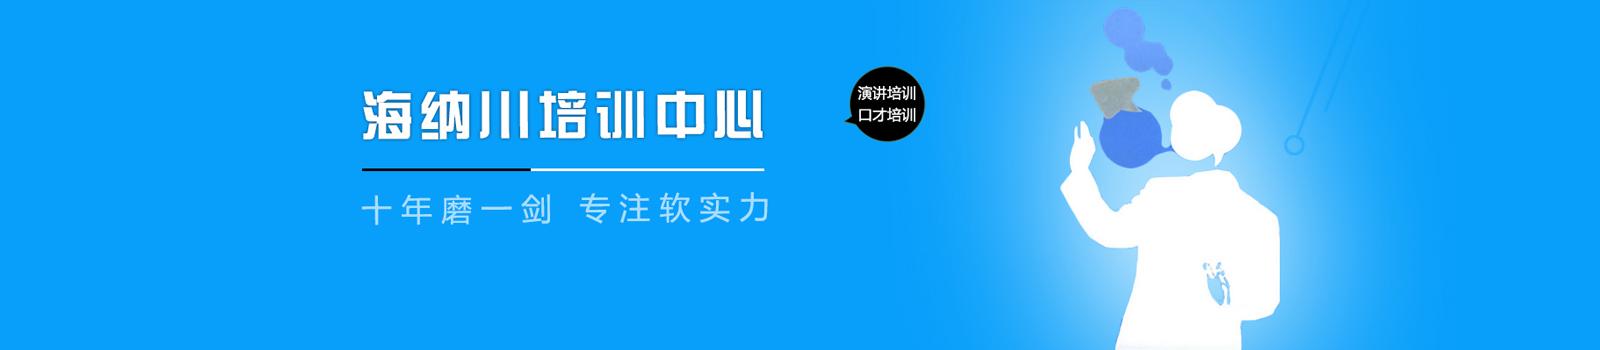 上海海纳川口才演讲培训学校